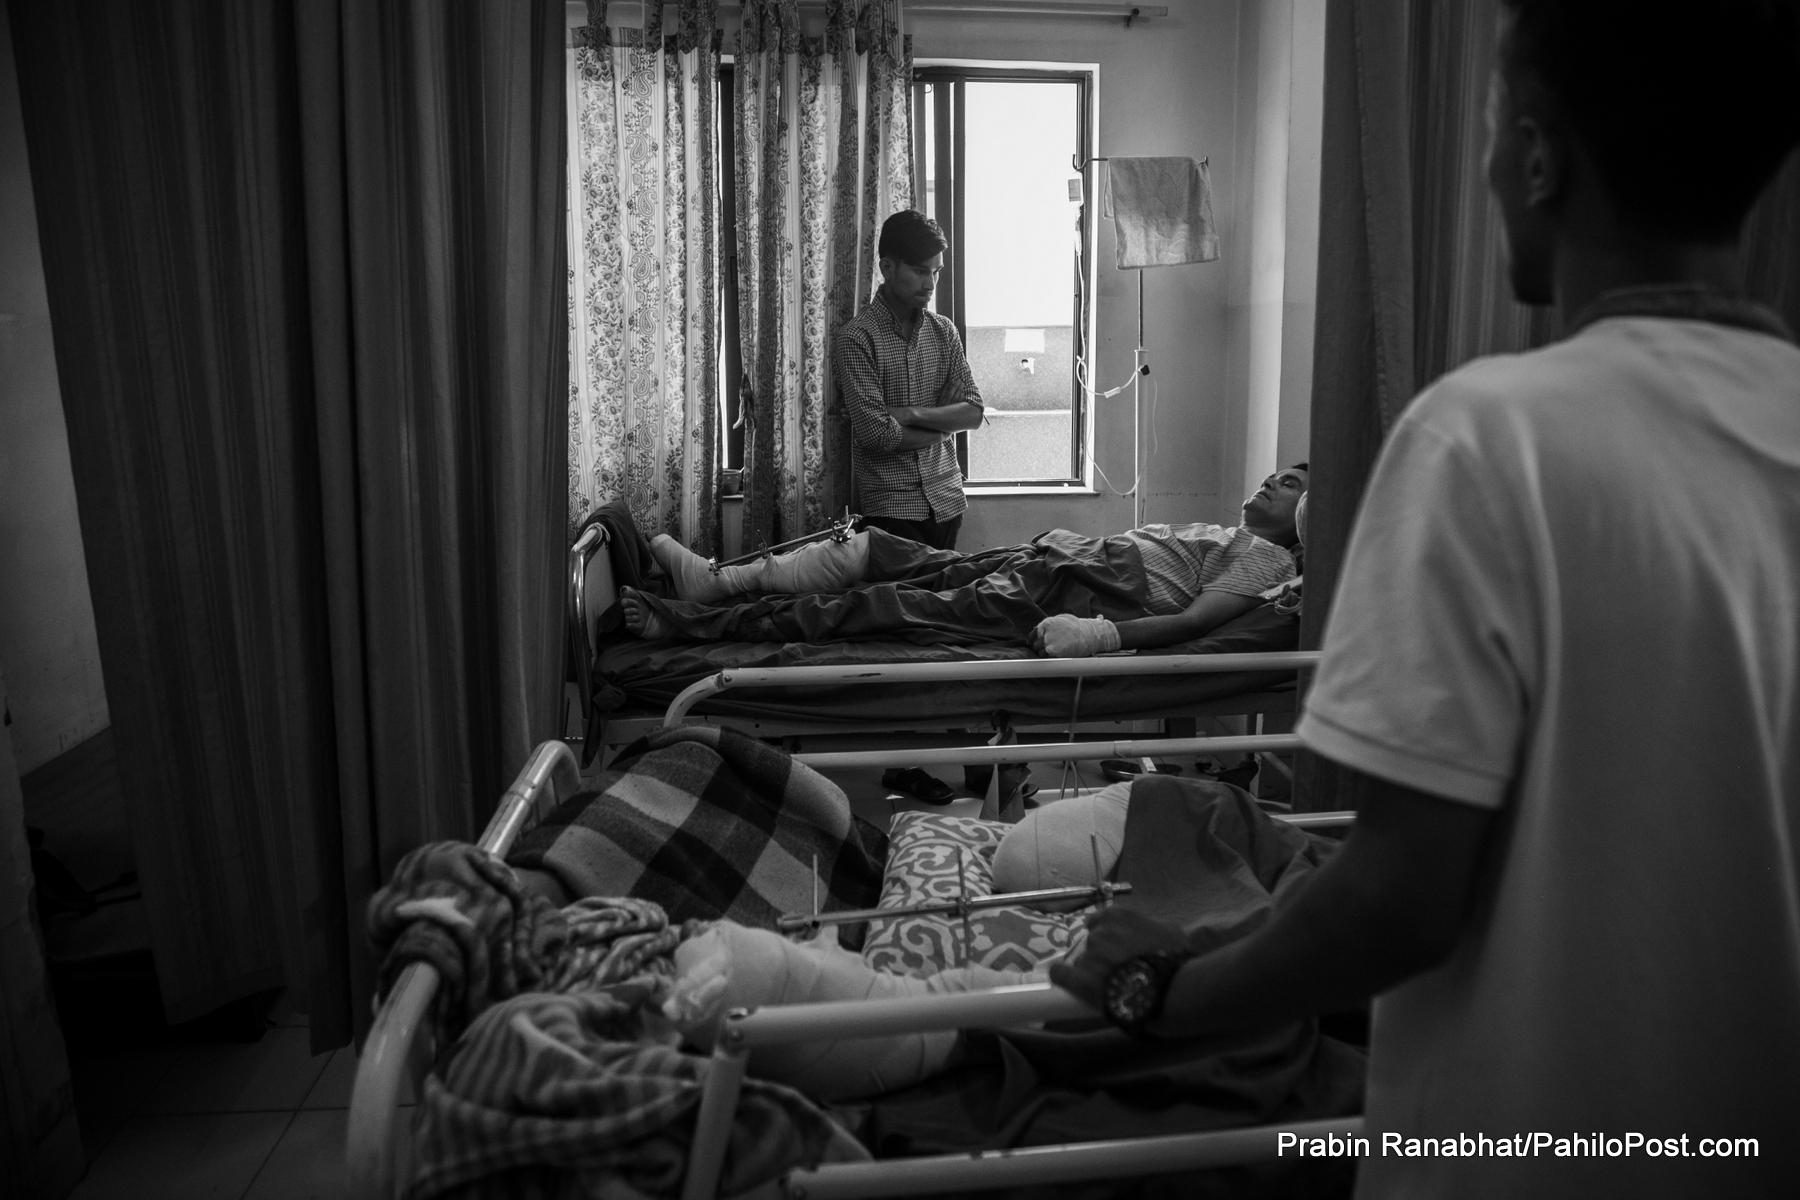 उपचारको आस र प्रहरीको त्रासमा सुरेन्द्र र हरि: अनिश्चिततामा रुमलिएका दुई परिवारको कथा